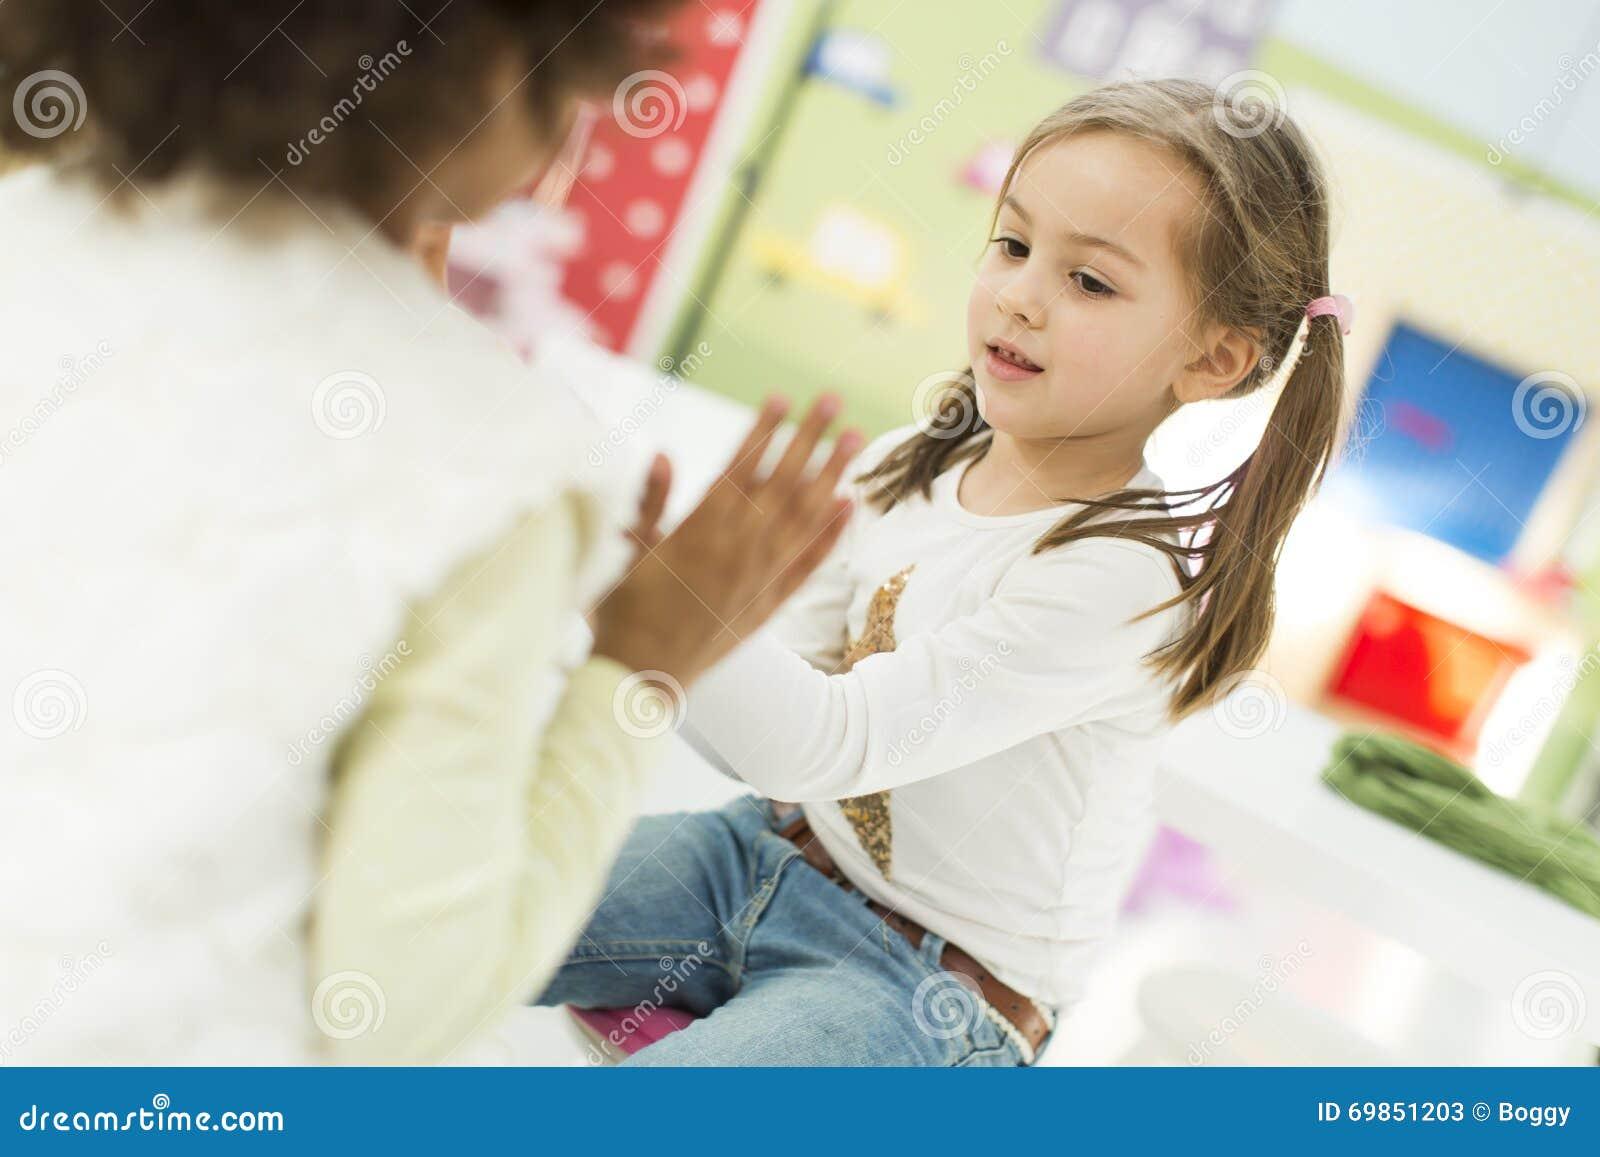 b19e95c55c508a Kleine Mädchen Im Kindergarten Stockbild - Bild von spielen ...